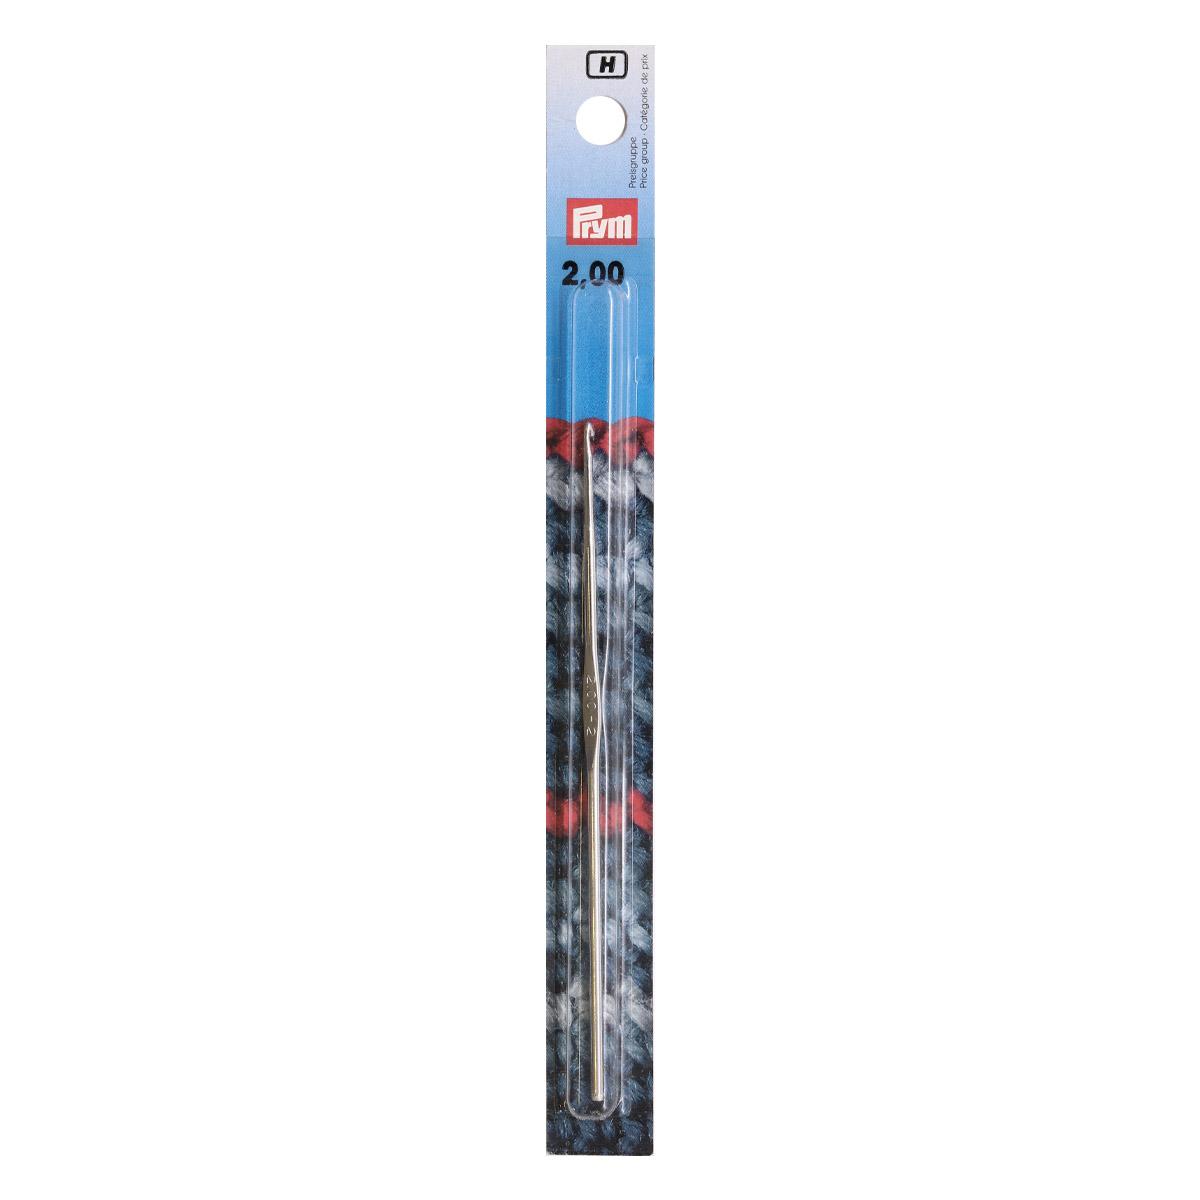 175840 Крючок IMRA для тонкой пряжи без ручки, сталь, с направляющей площадью 2,0мм Prym